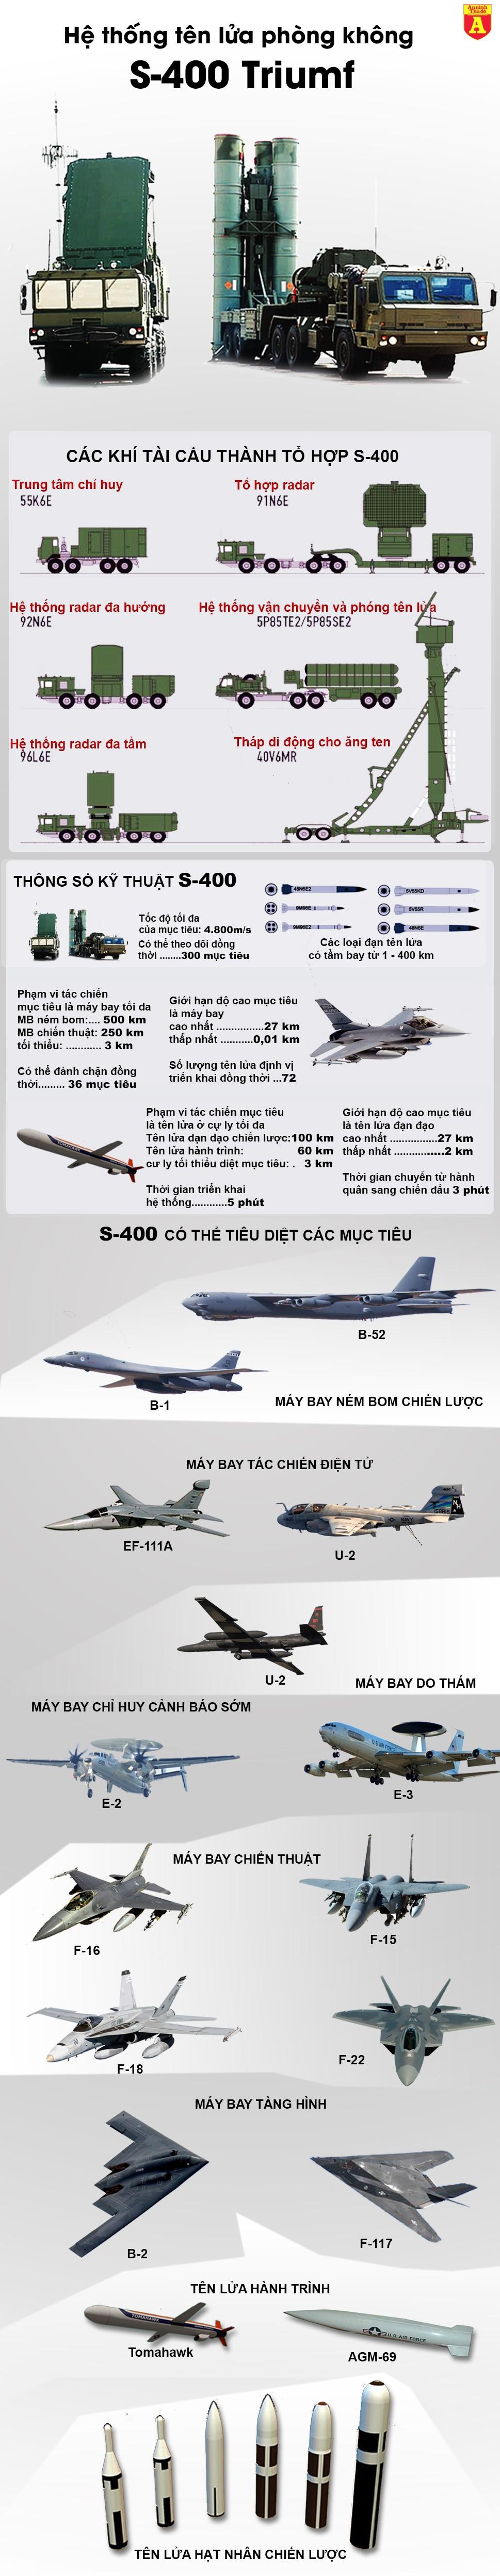 [Infographic] Giấc mơ biên chế S-400 của quân đội Trung Quốc vẫn vụt biến dù trong tầm tay ảnh 2